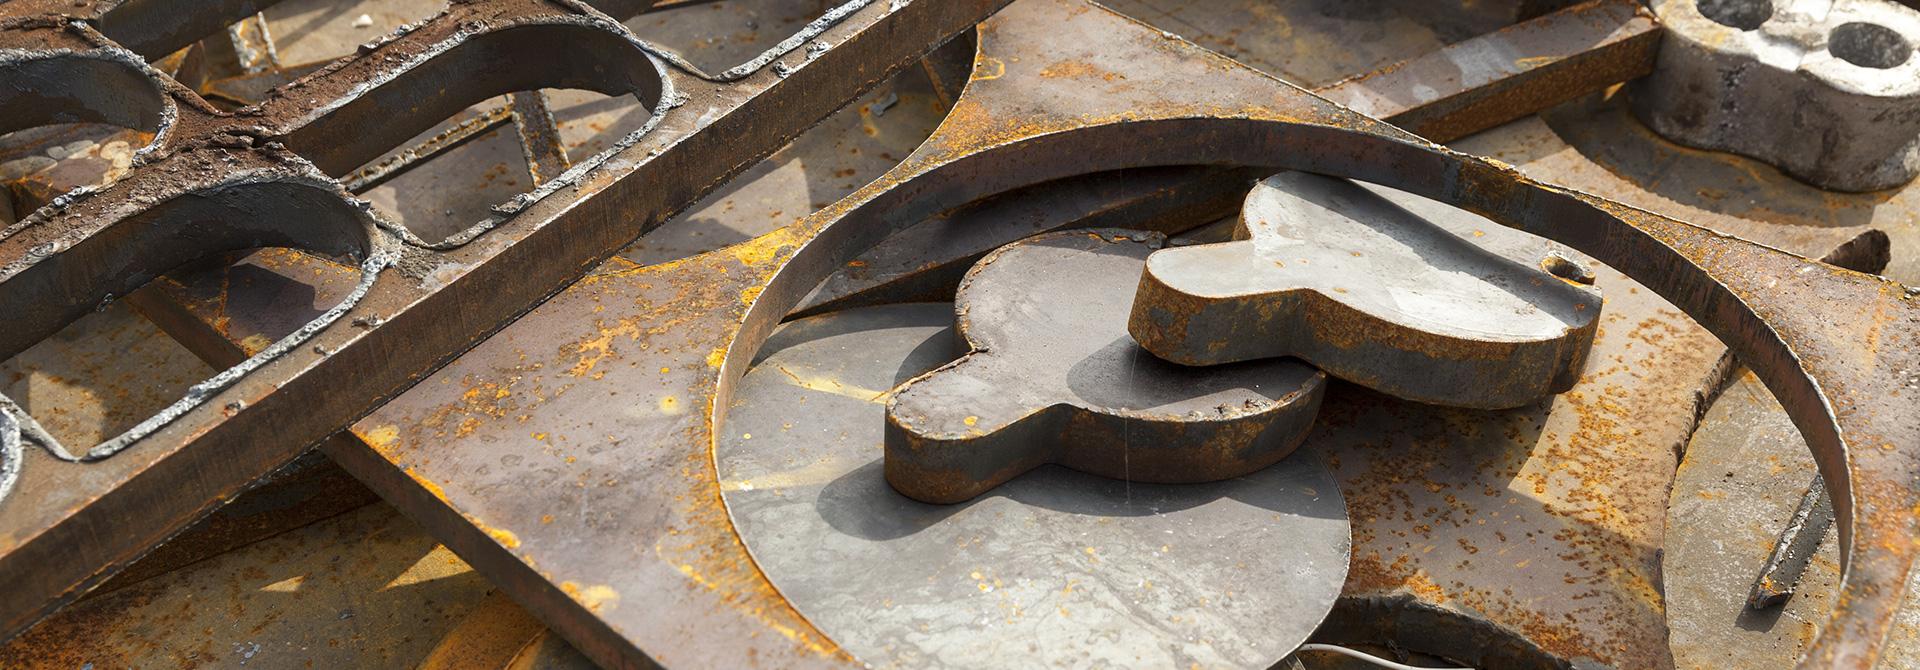 Echokal. Lunga vita alla materia. Materiale ferroso